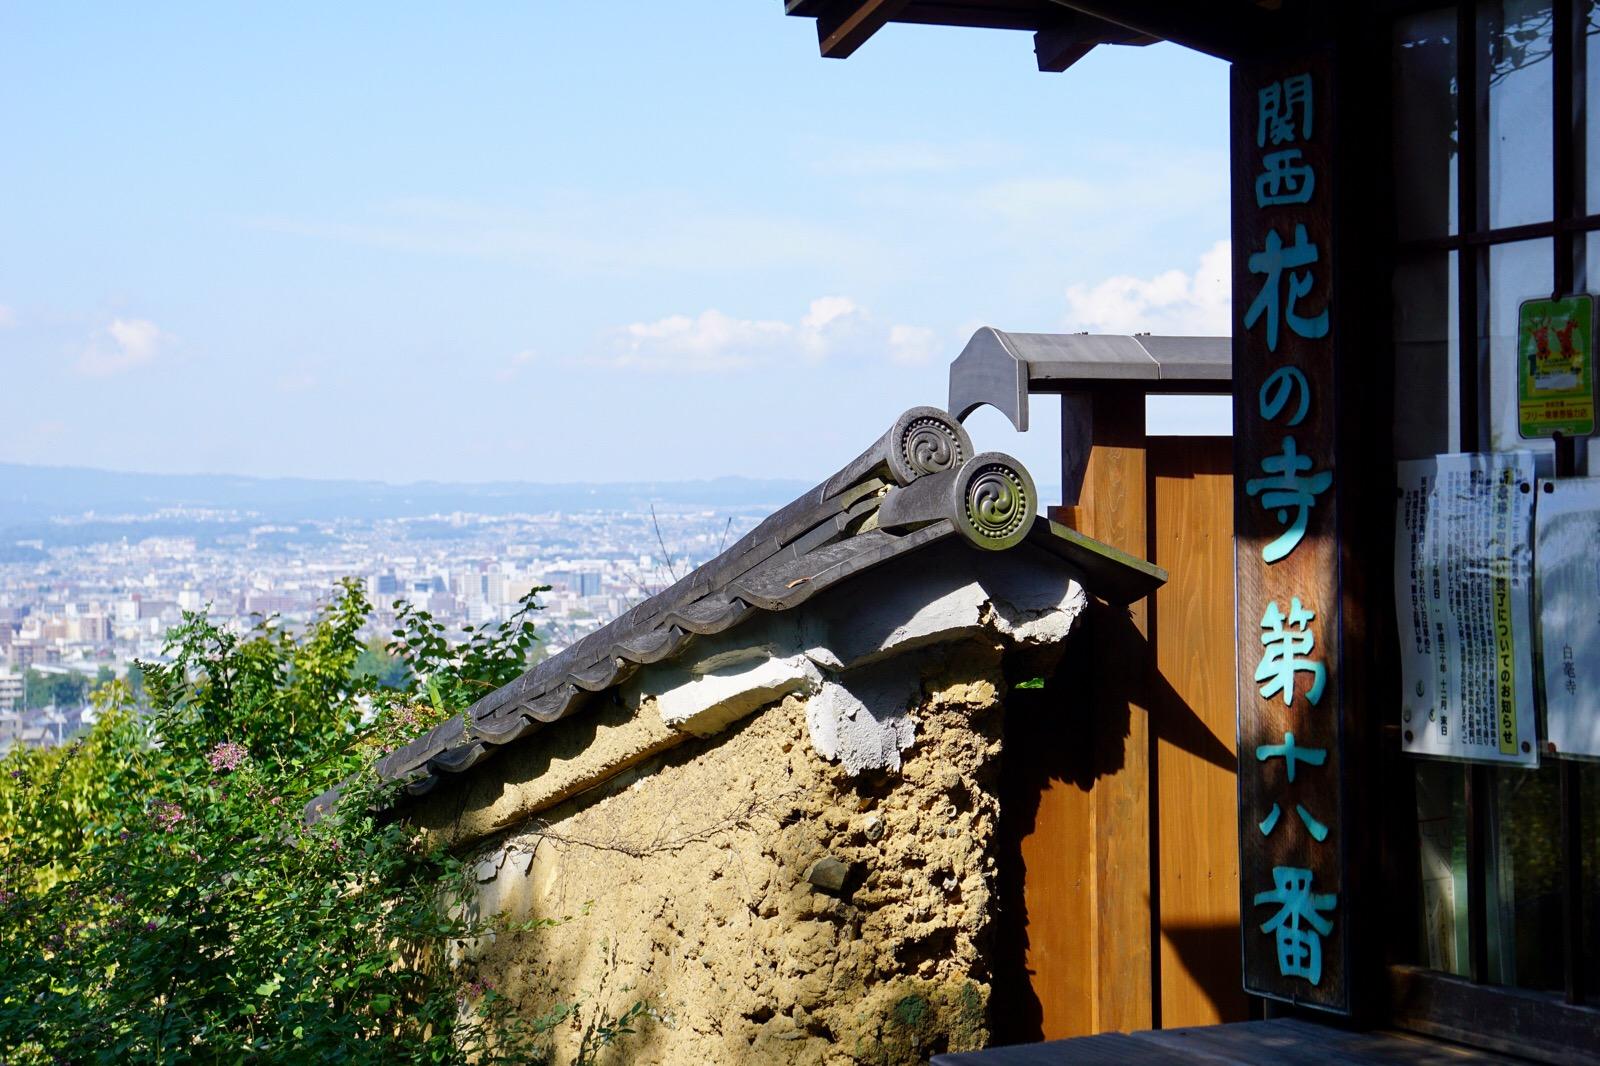 白毫寺は関西花の寺 第18番でとても花の美しいお寺です。